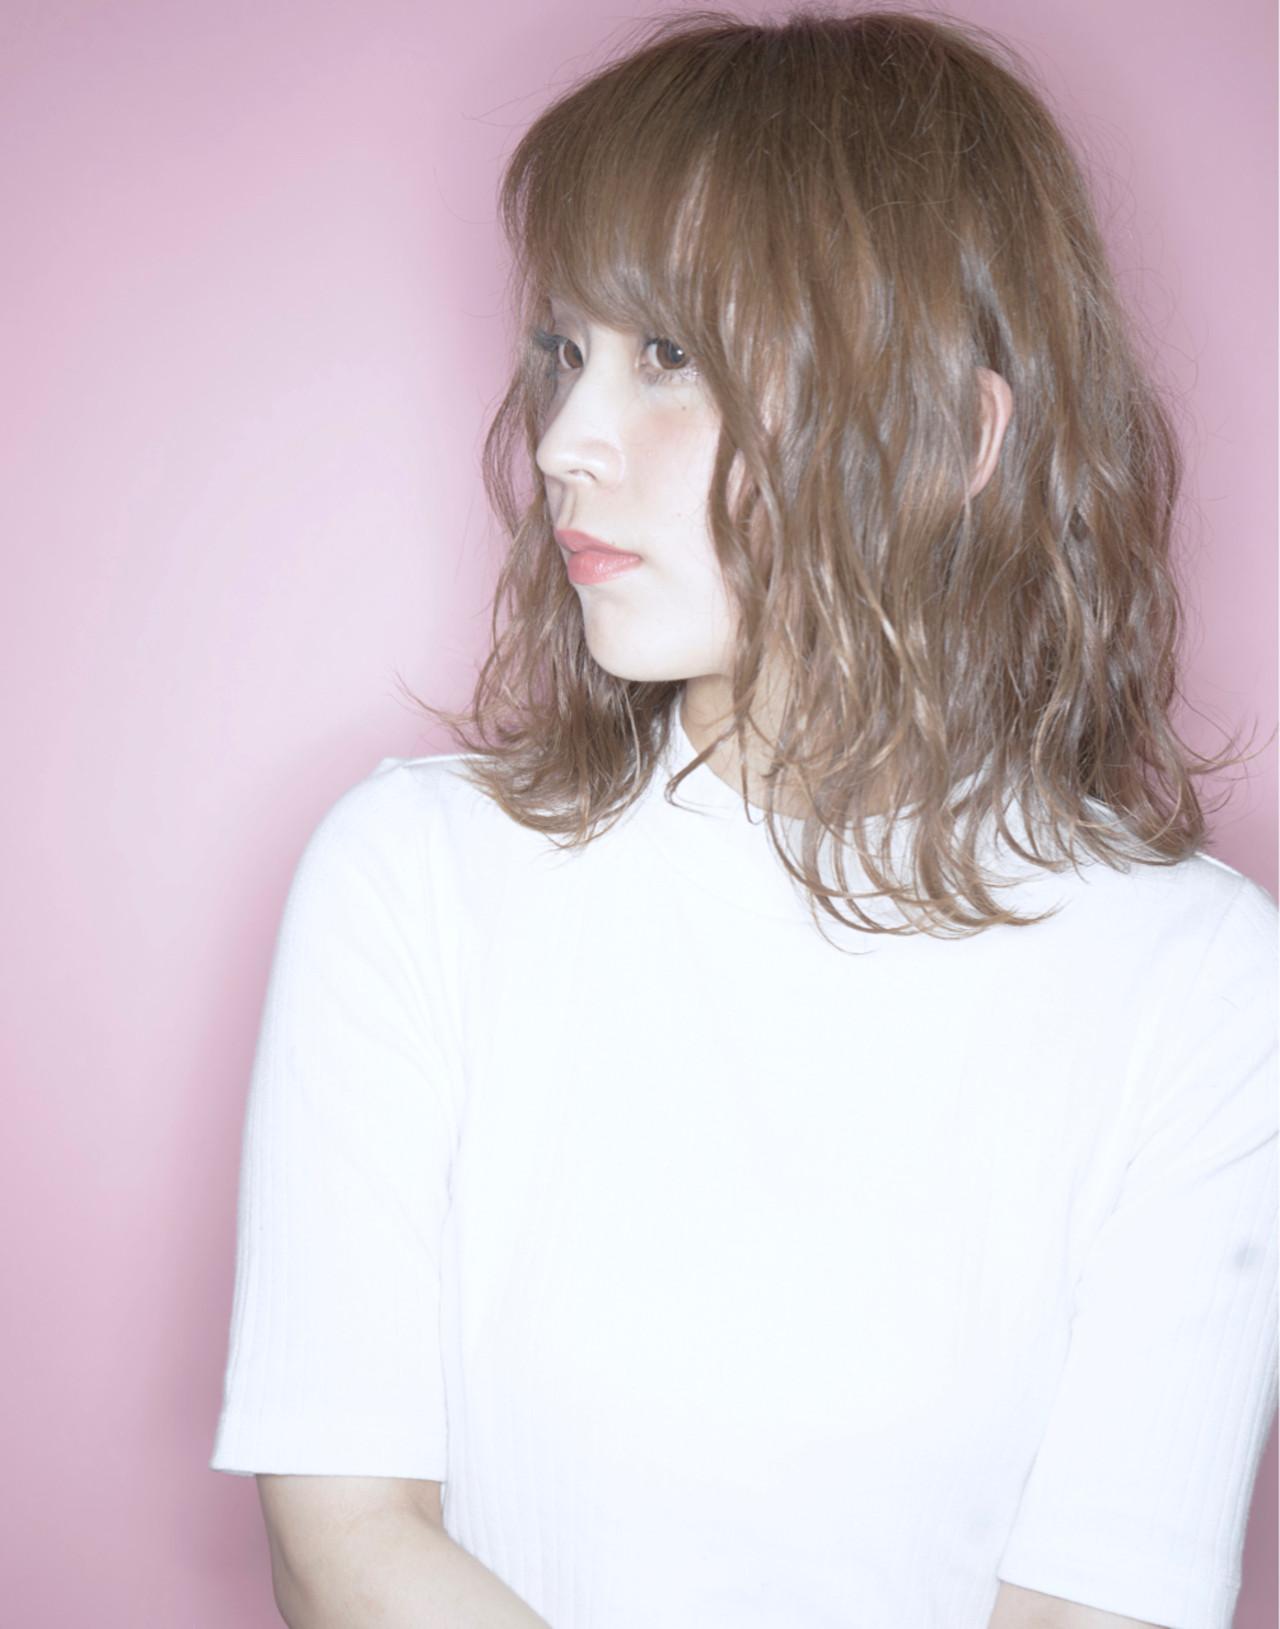 ミルクティー 色気 ナチュラル ニュアンス ヘアスタイルや髪型の写真・画像 | Ryo Nakahira /UniQ / UniQ 美容室